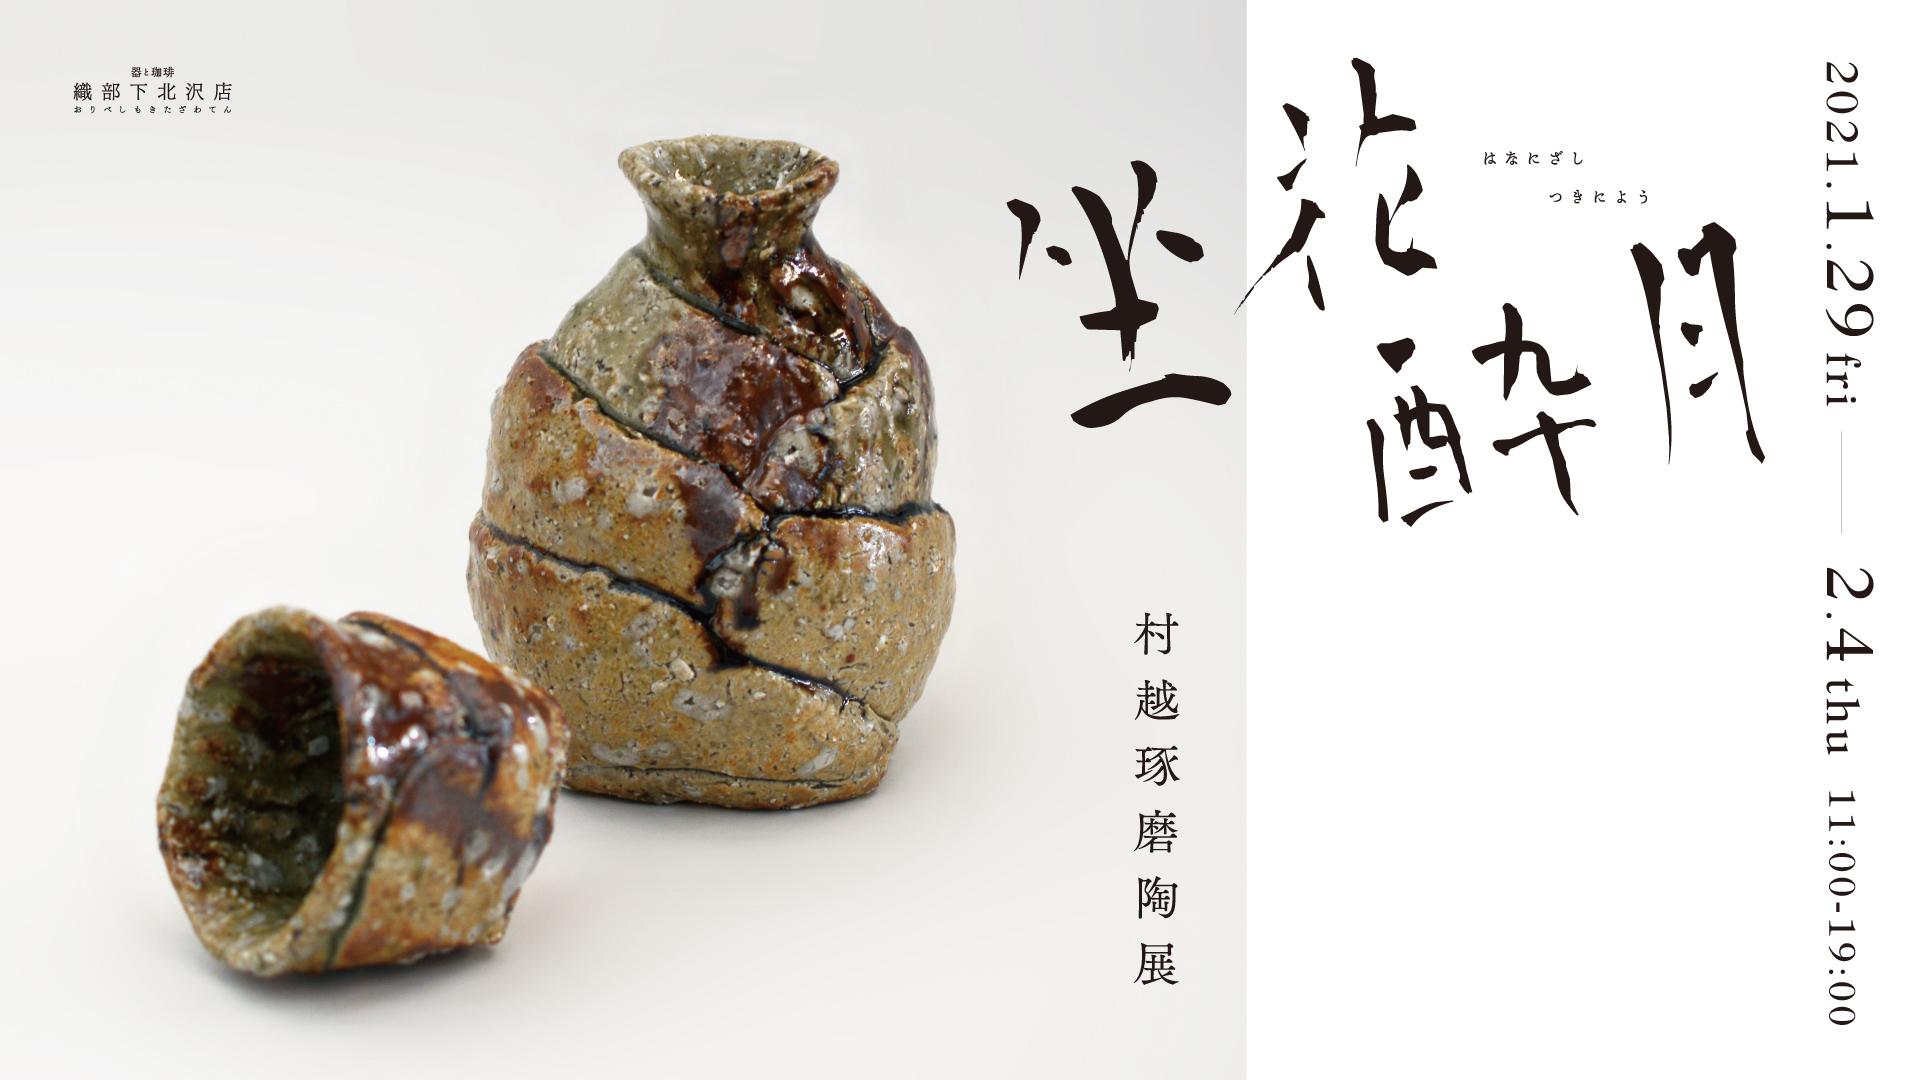 村越琢磨陶展「坐花酔月」